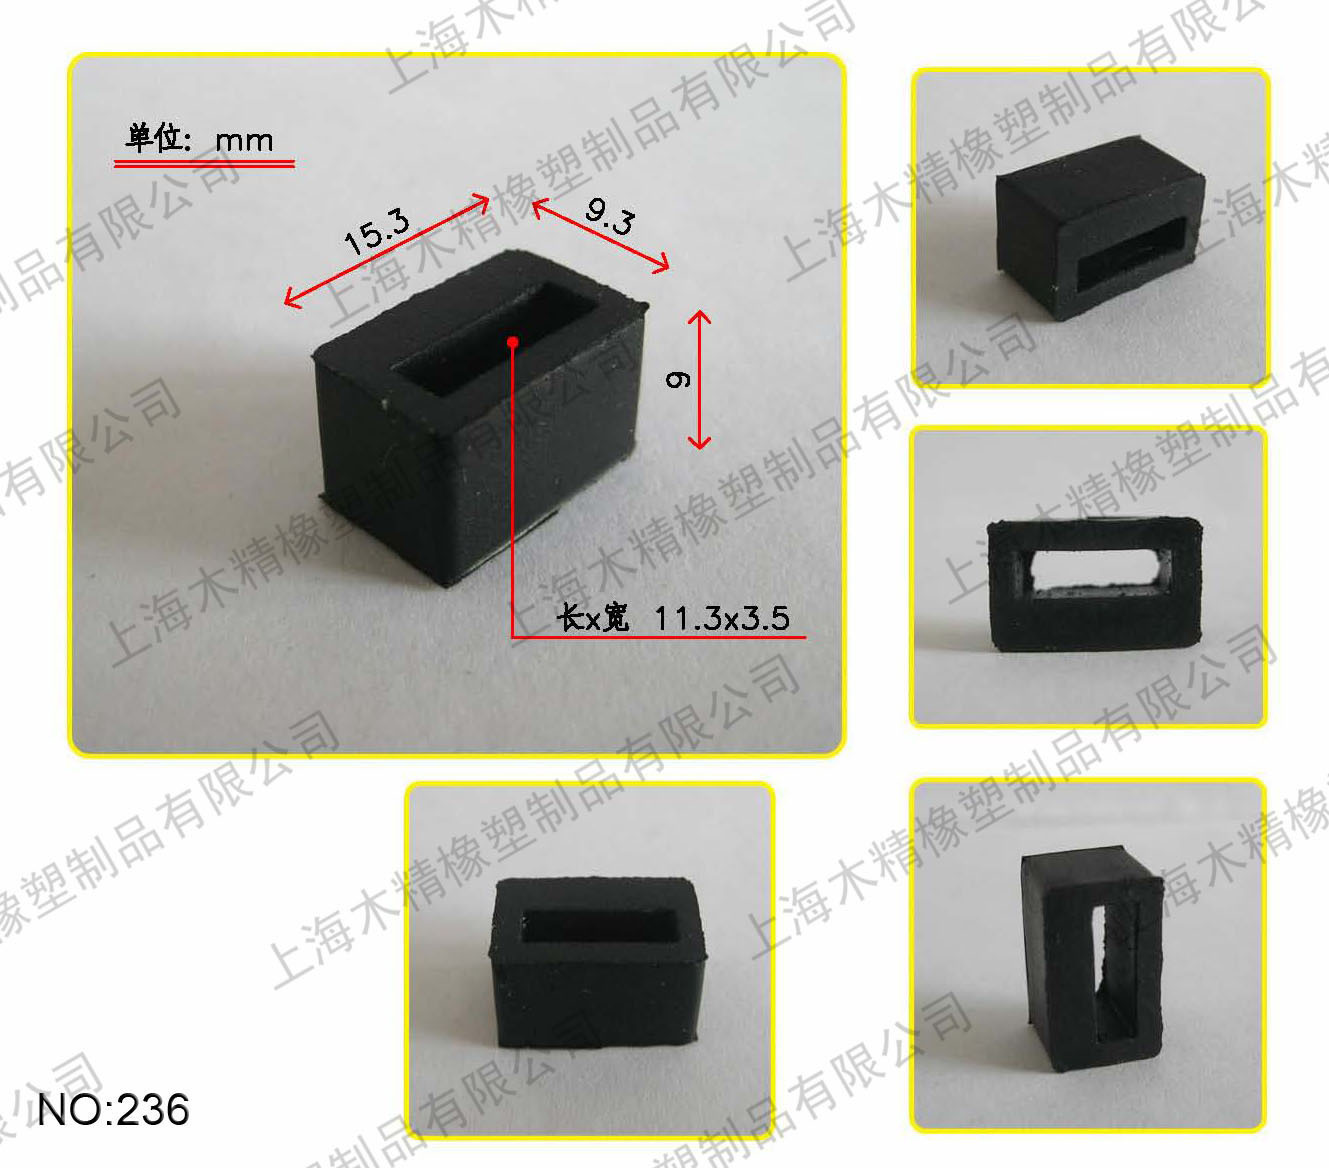 gumová zeď hlavou, pryžové ochranné obleky, a z gauče, prozatímní 15.3X9mm tření, bloky,